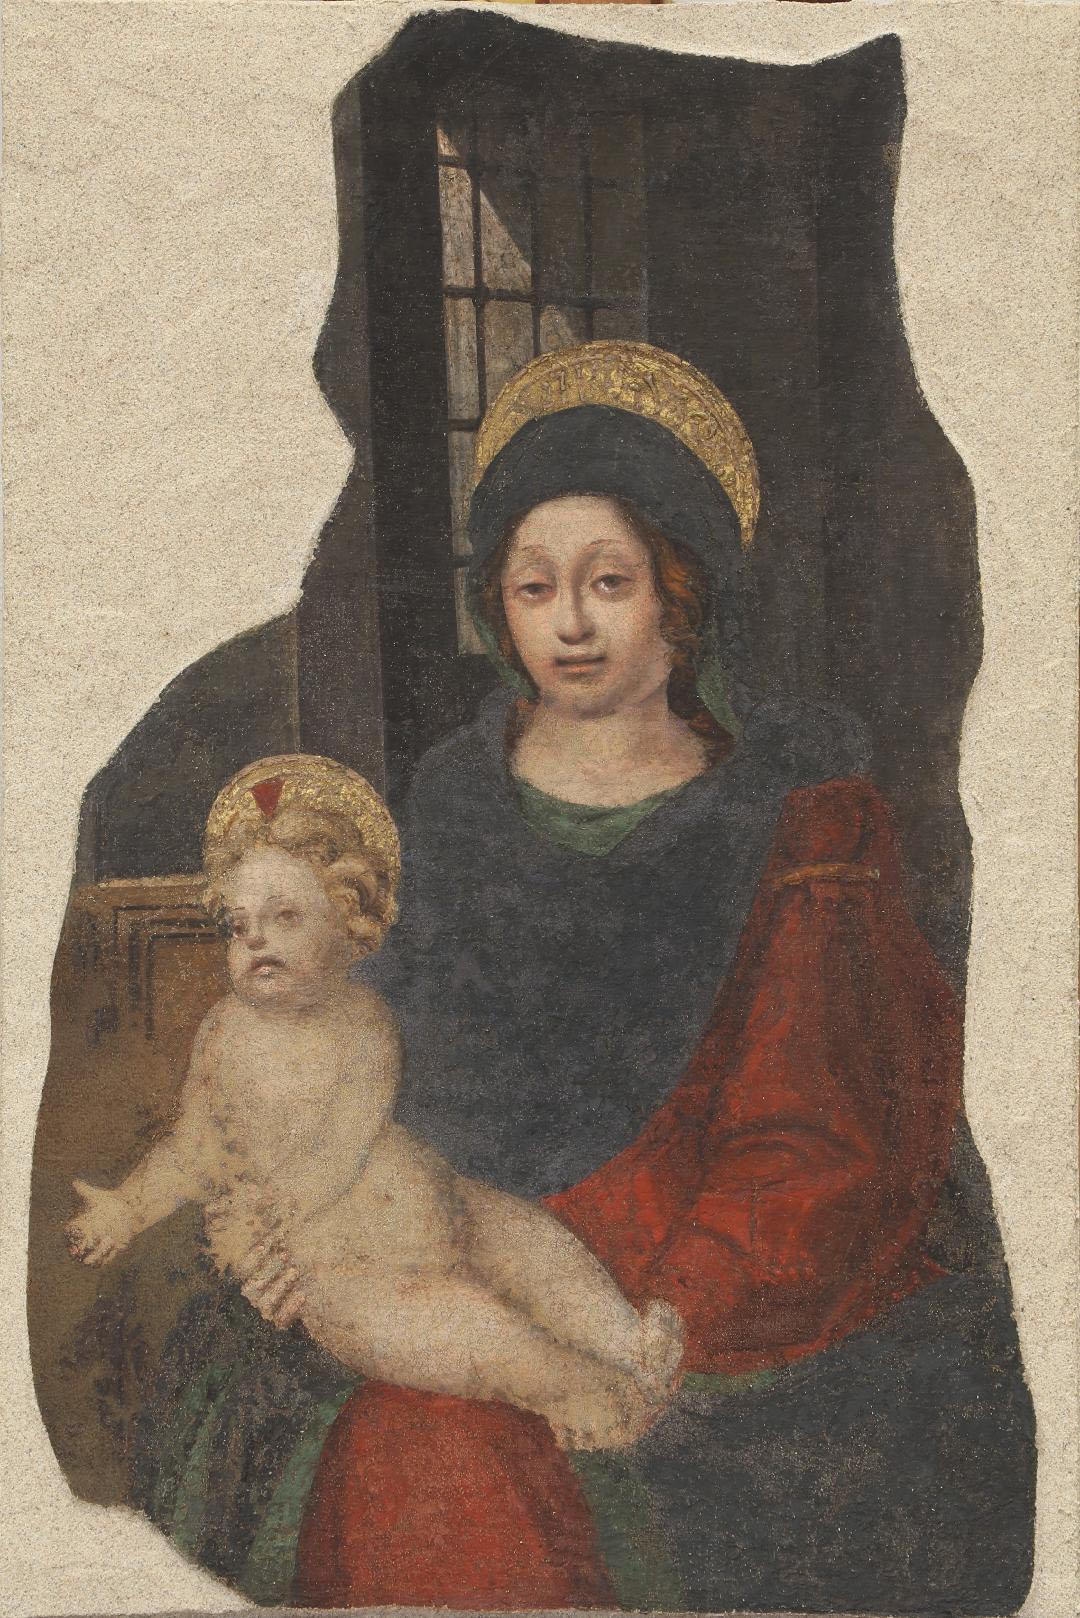 Michelino da besozzo – Bernardo zenale